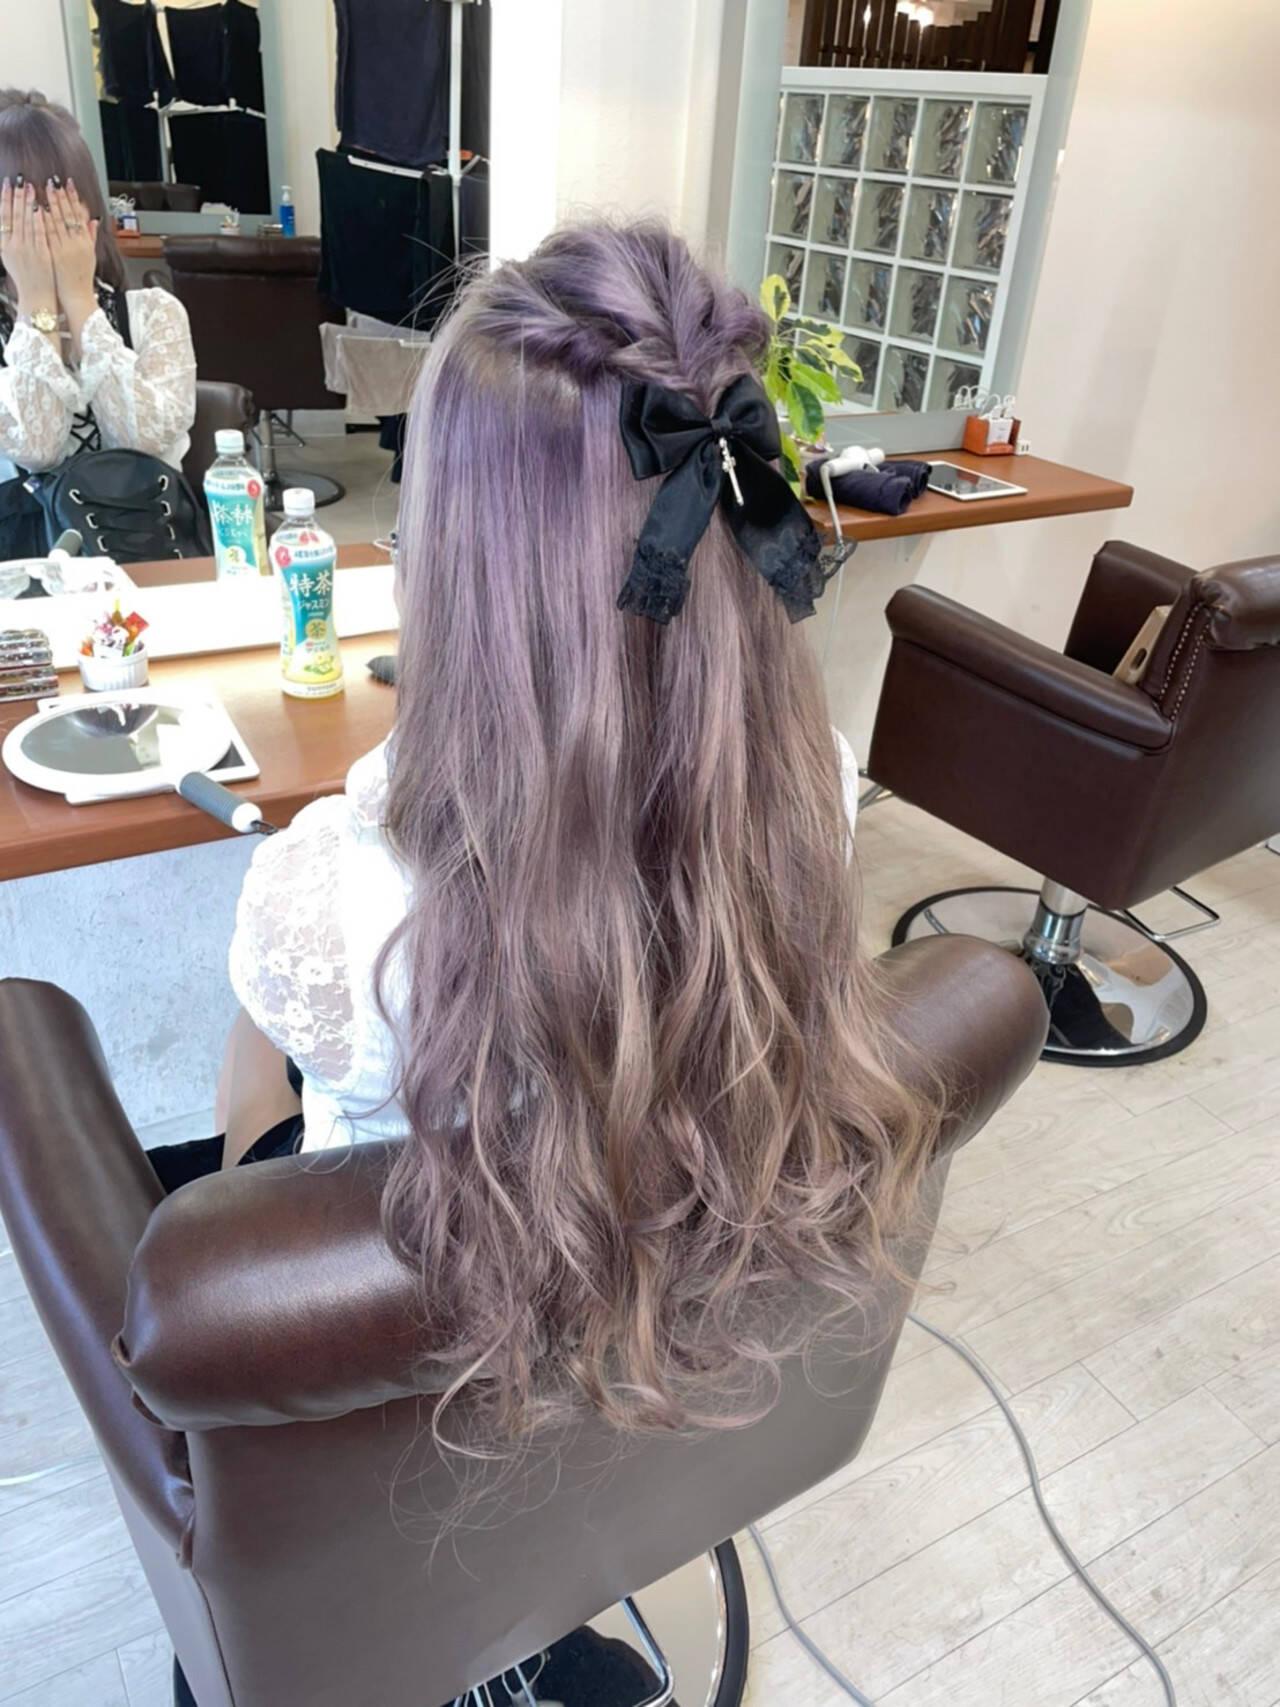 フェミニン ラベンダーピンク ロング 派手髪ヘアスタイルや髪型の写真・画像